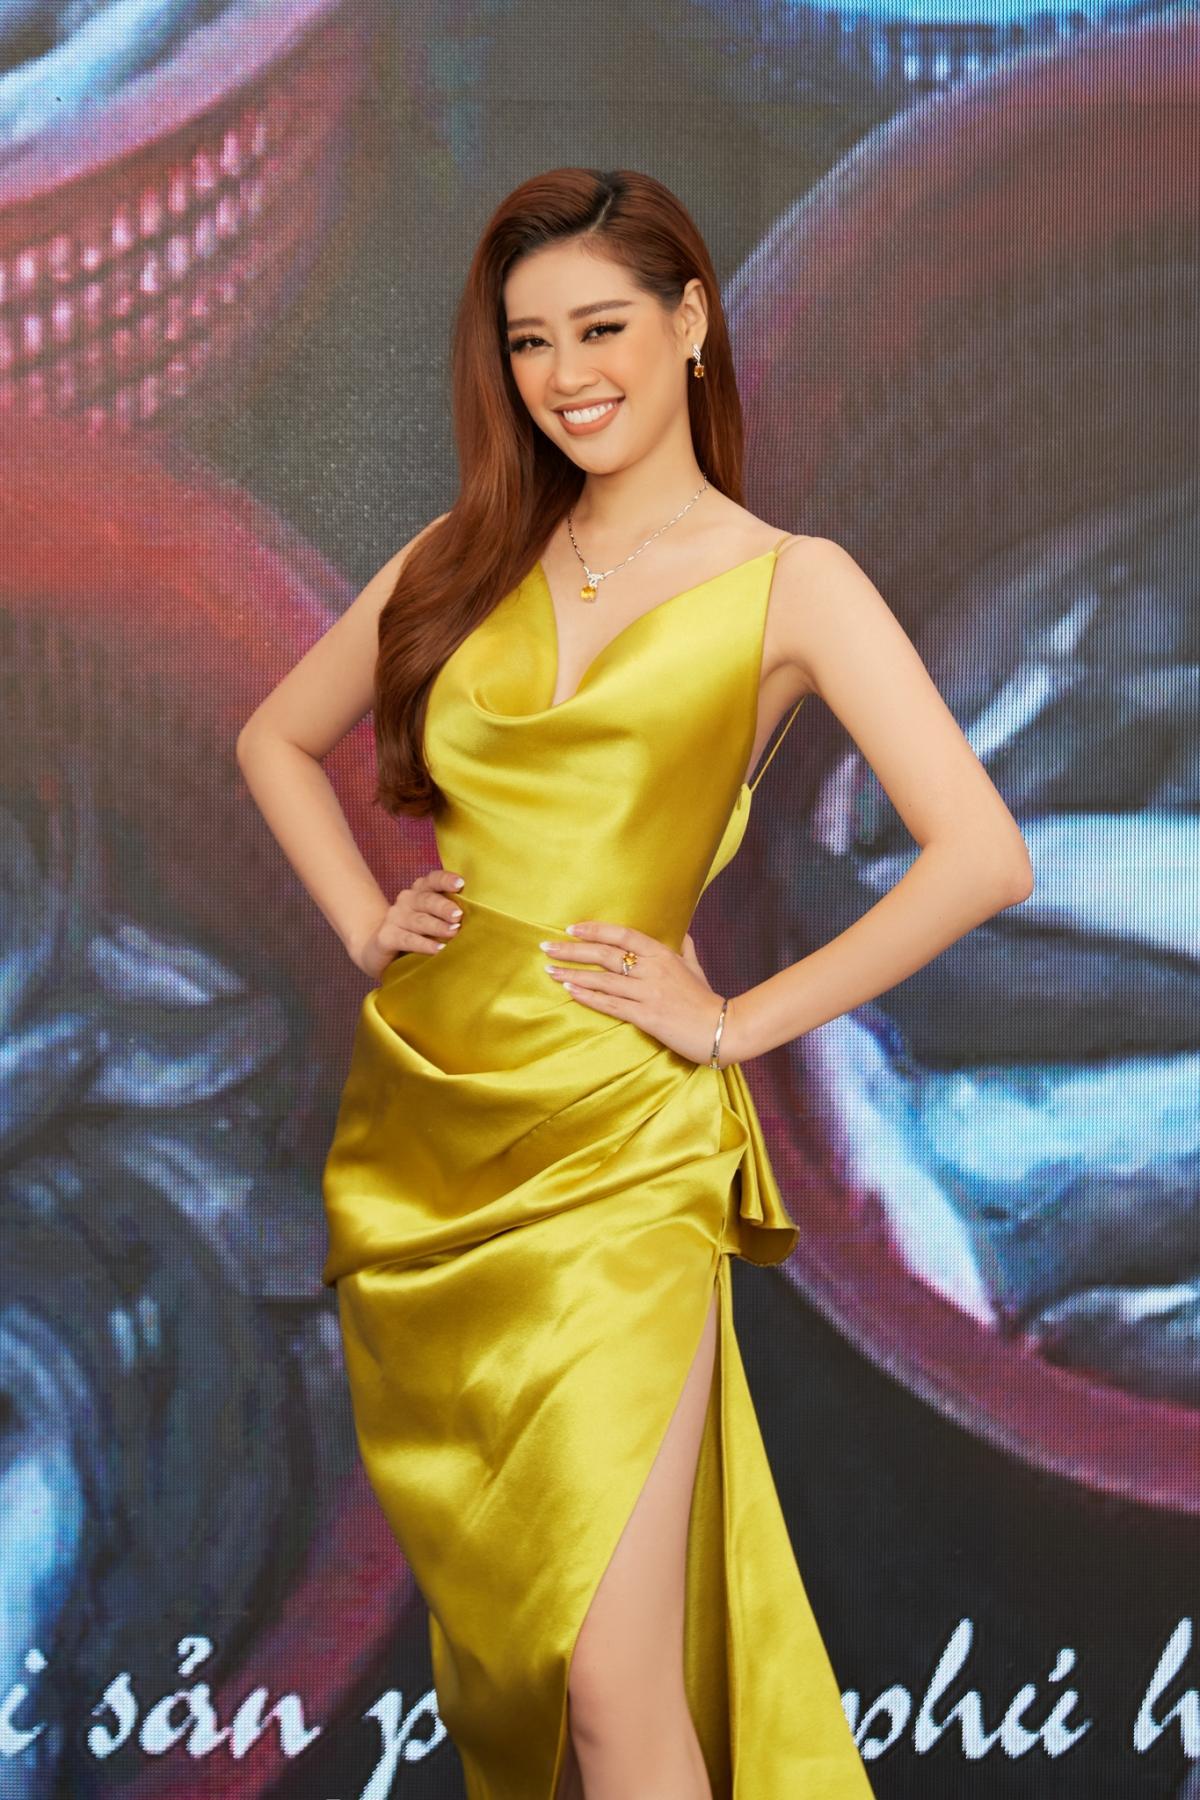 Hoa hậu Khánh Vân xinh đẹp nổi bật với đầm vàng gợi cảm đi dự sự kiện Ảnh 10